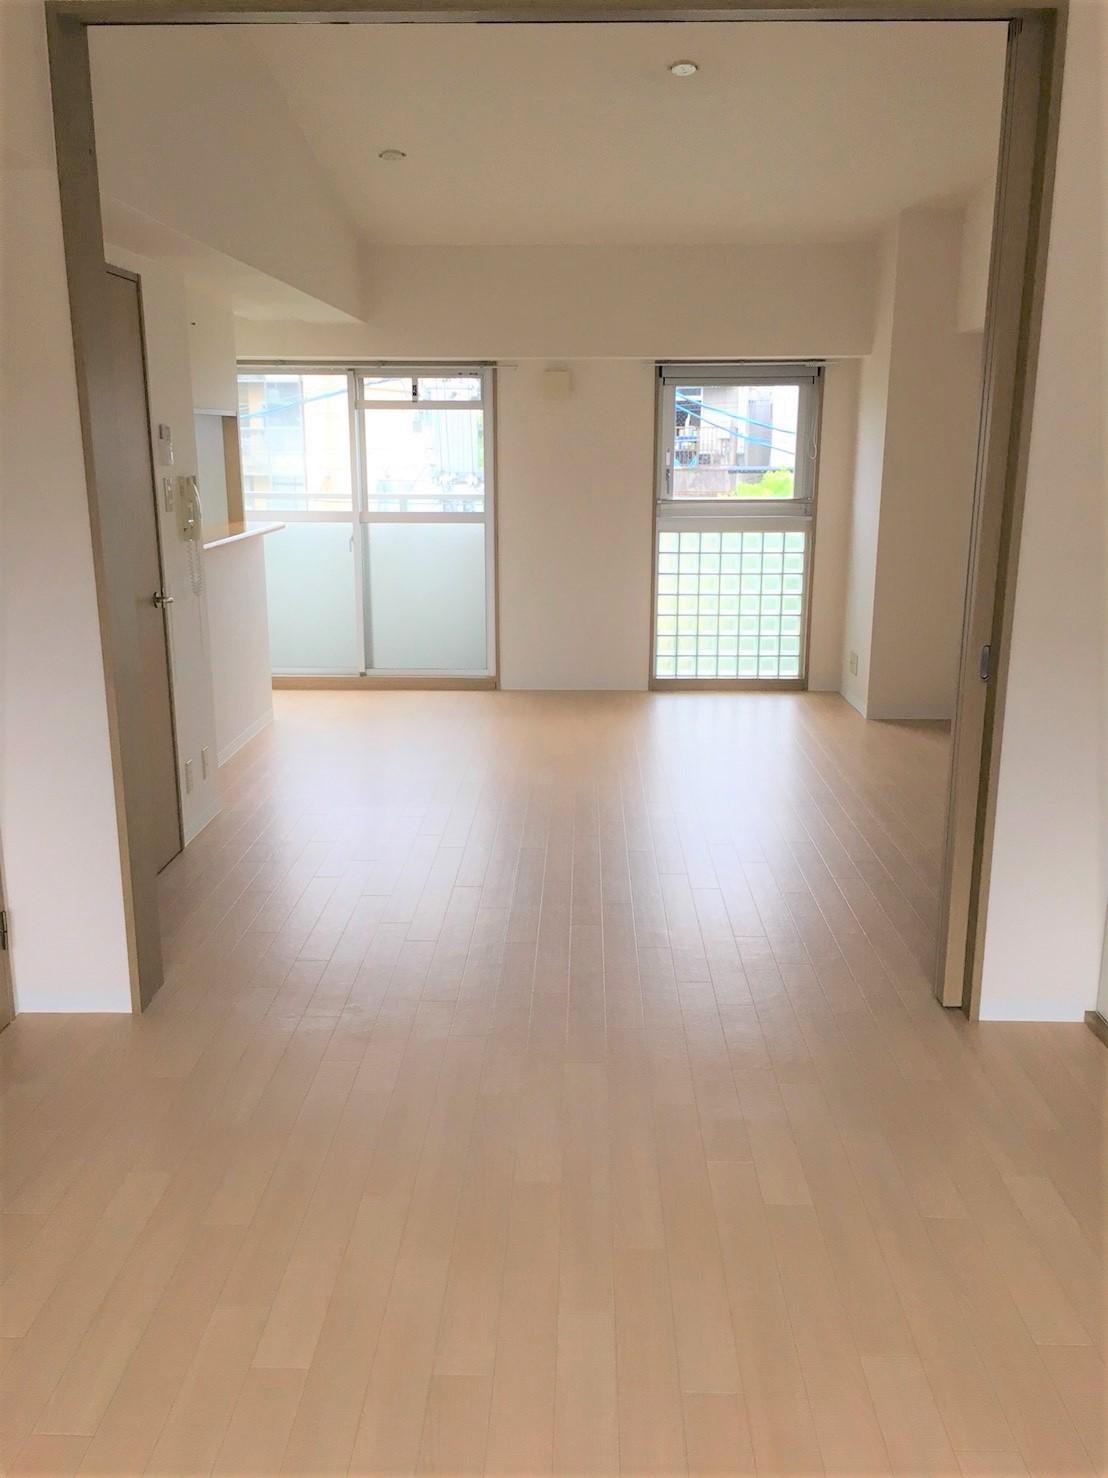 伊丹市/空き室クリーニング マンション・アパート・2階建て戸建・テラスハウスよりお部屋スッキリ丸ごとお掃除はおそうじプラスへ